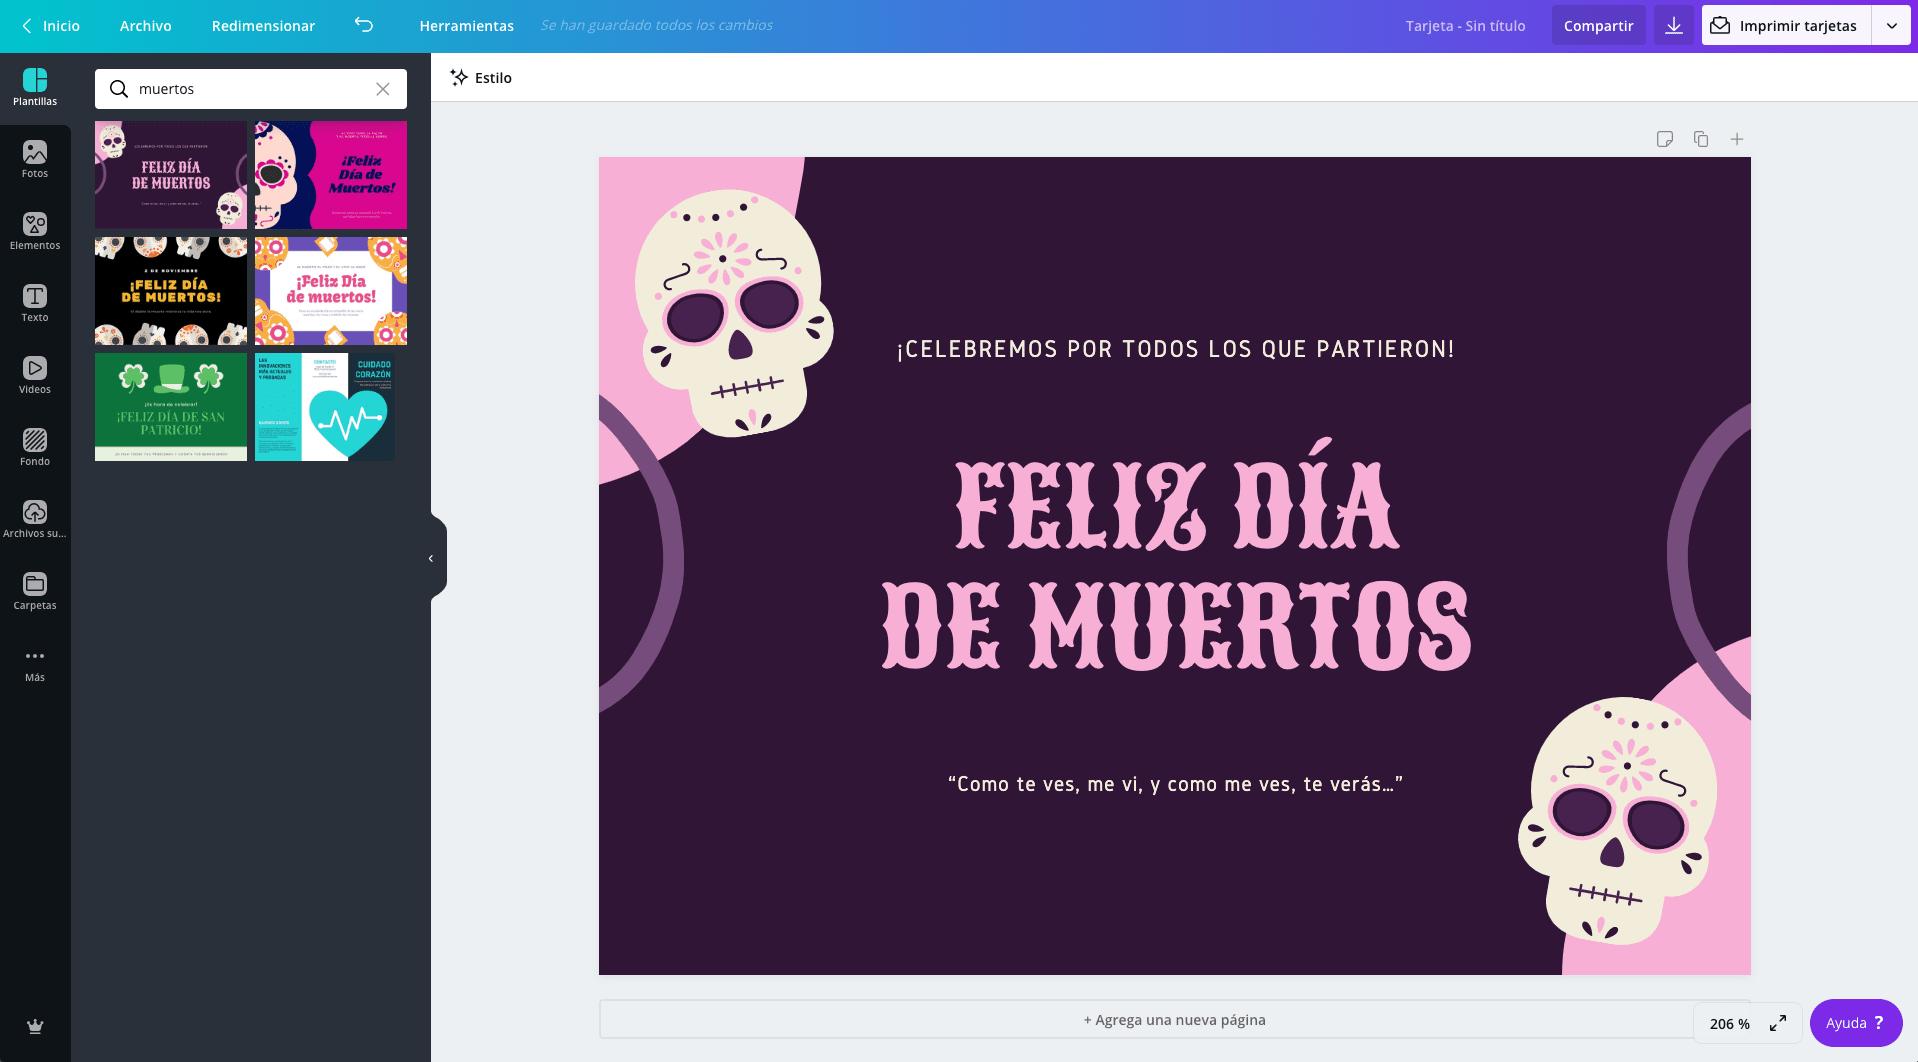 Tarjetas del Día de los Muertos